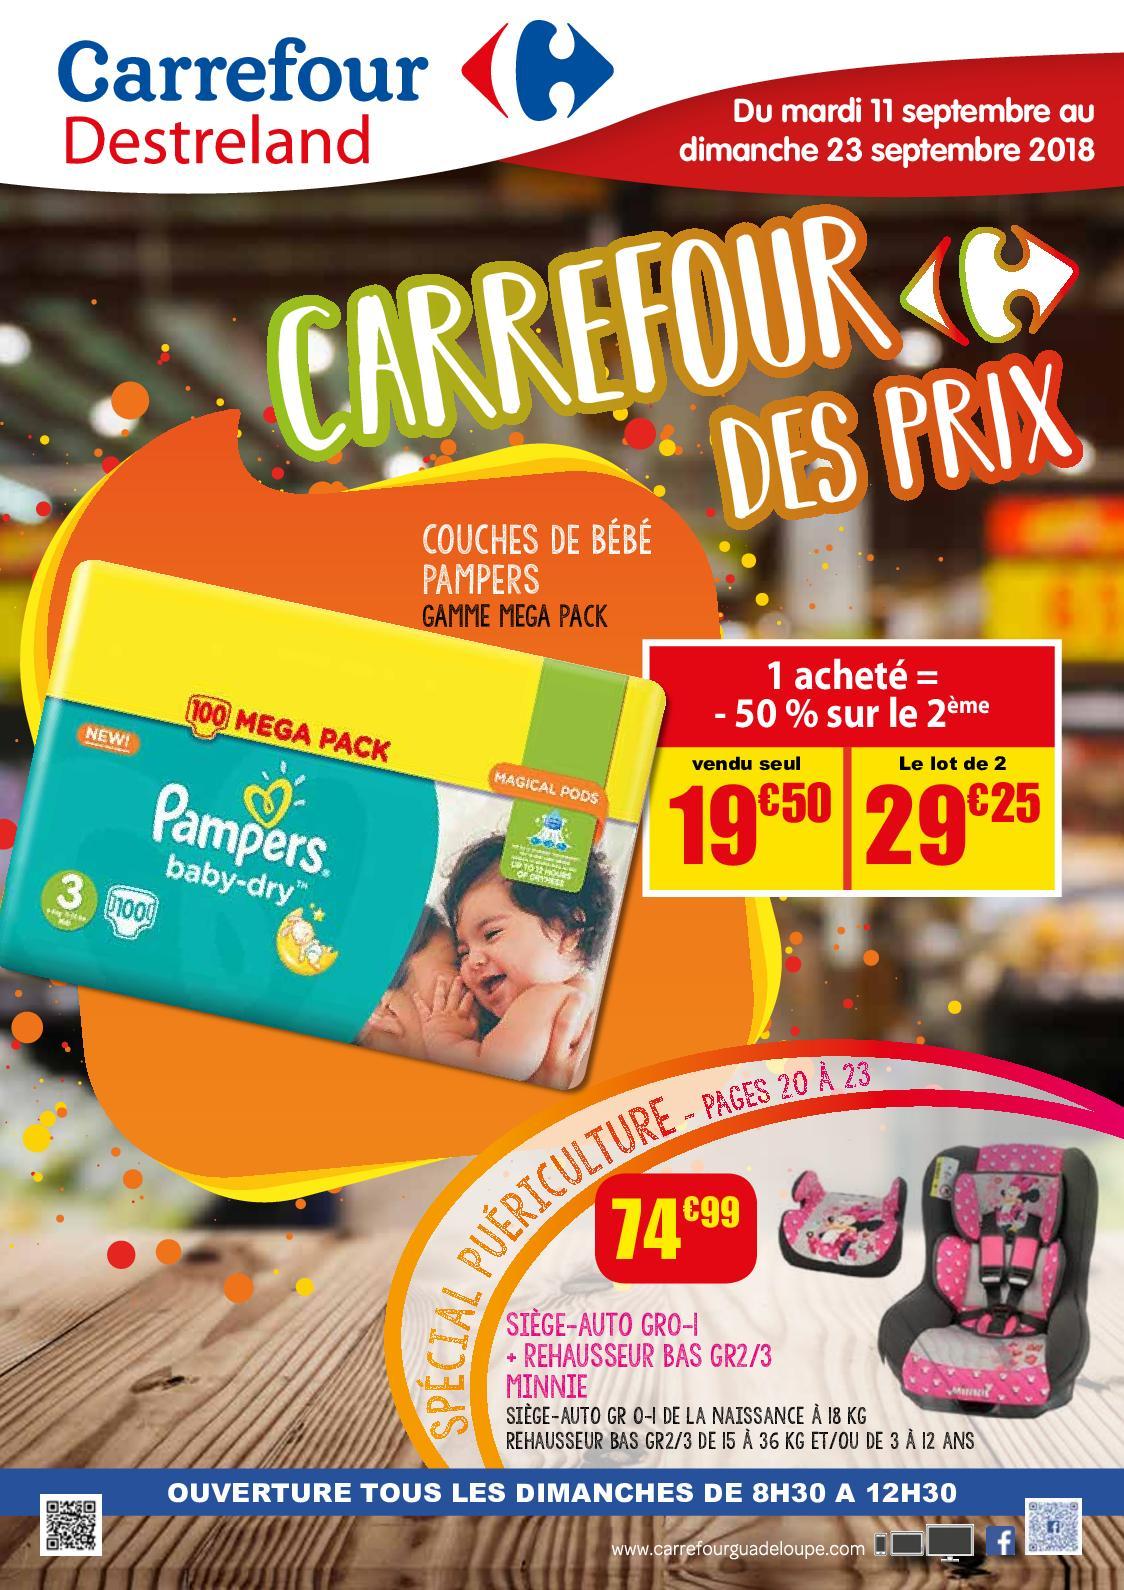 Calaméo Carrefour Des Prix